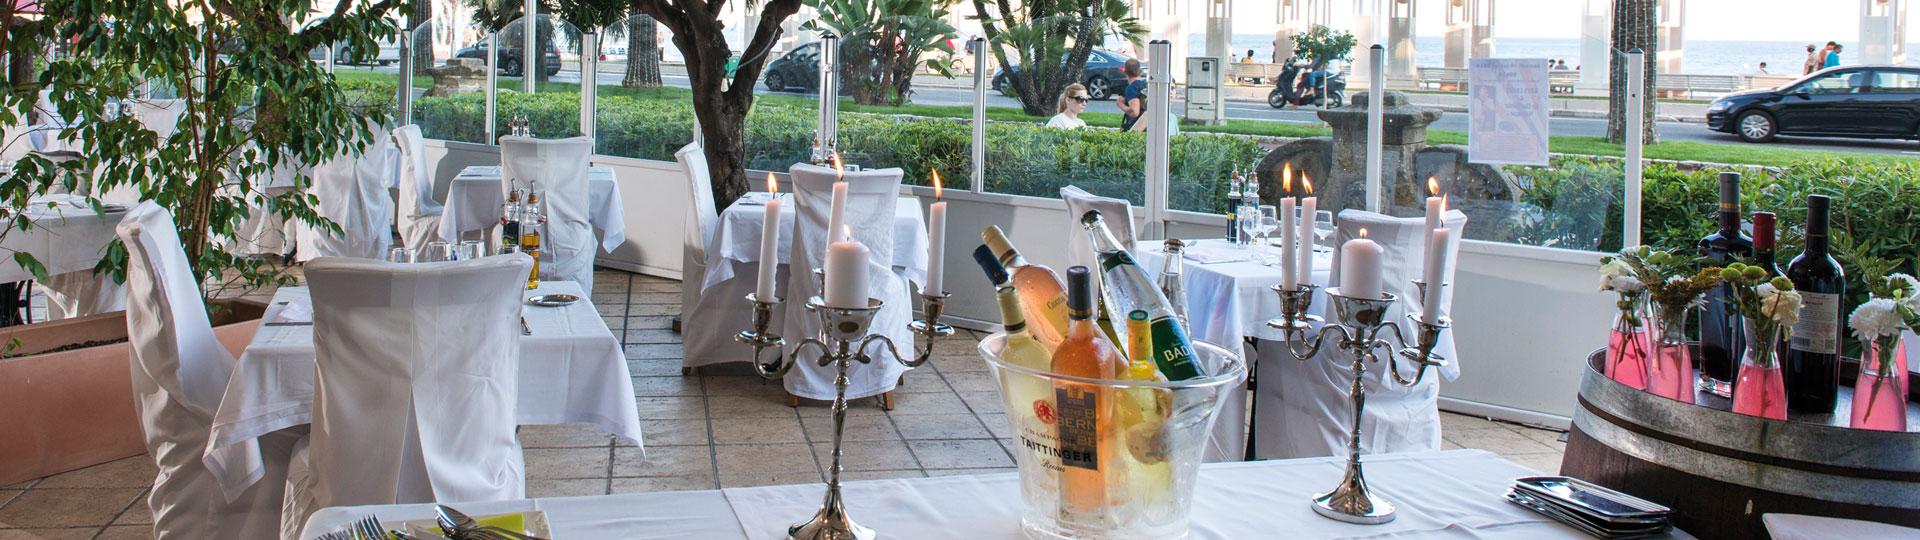 Terrasse du restaurant de l'hôtel Le Royal à Nice